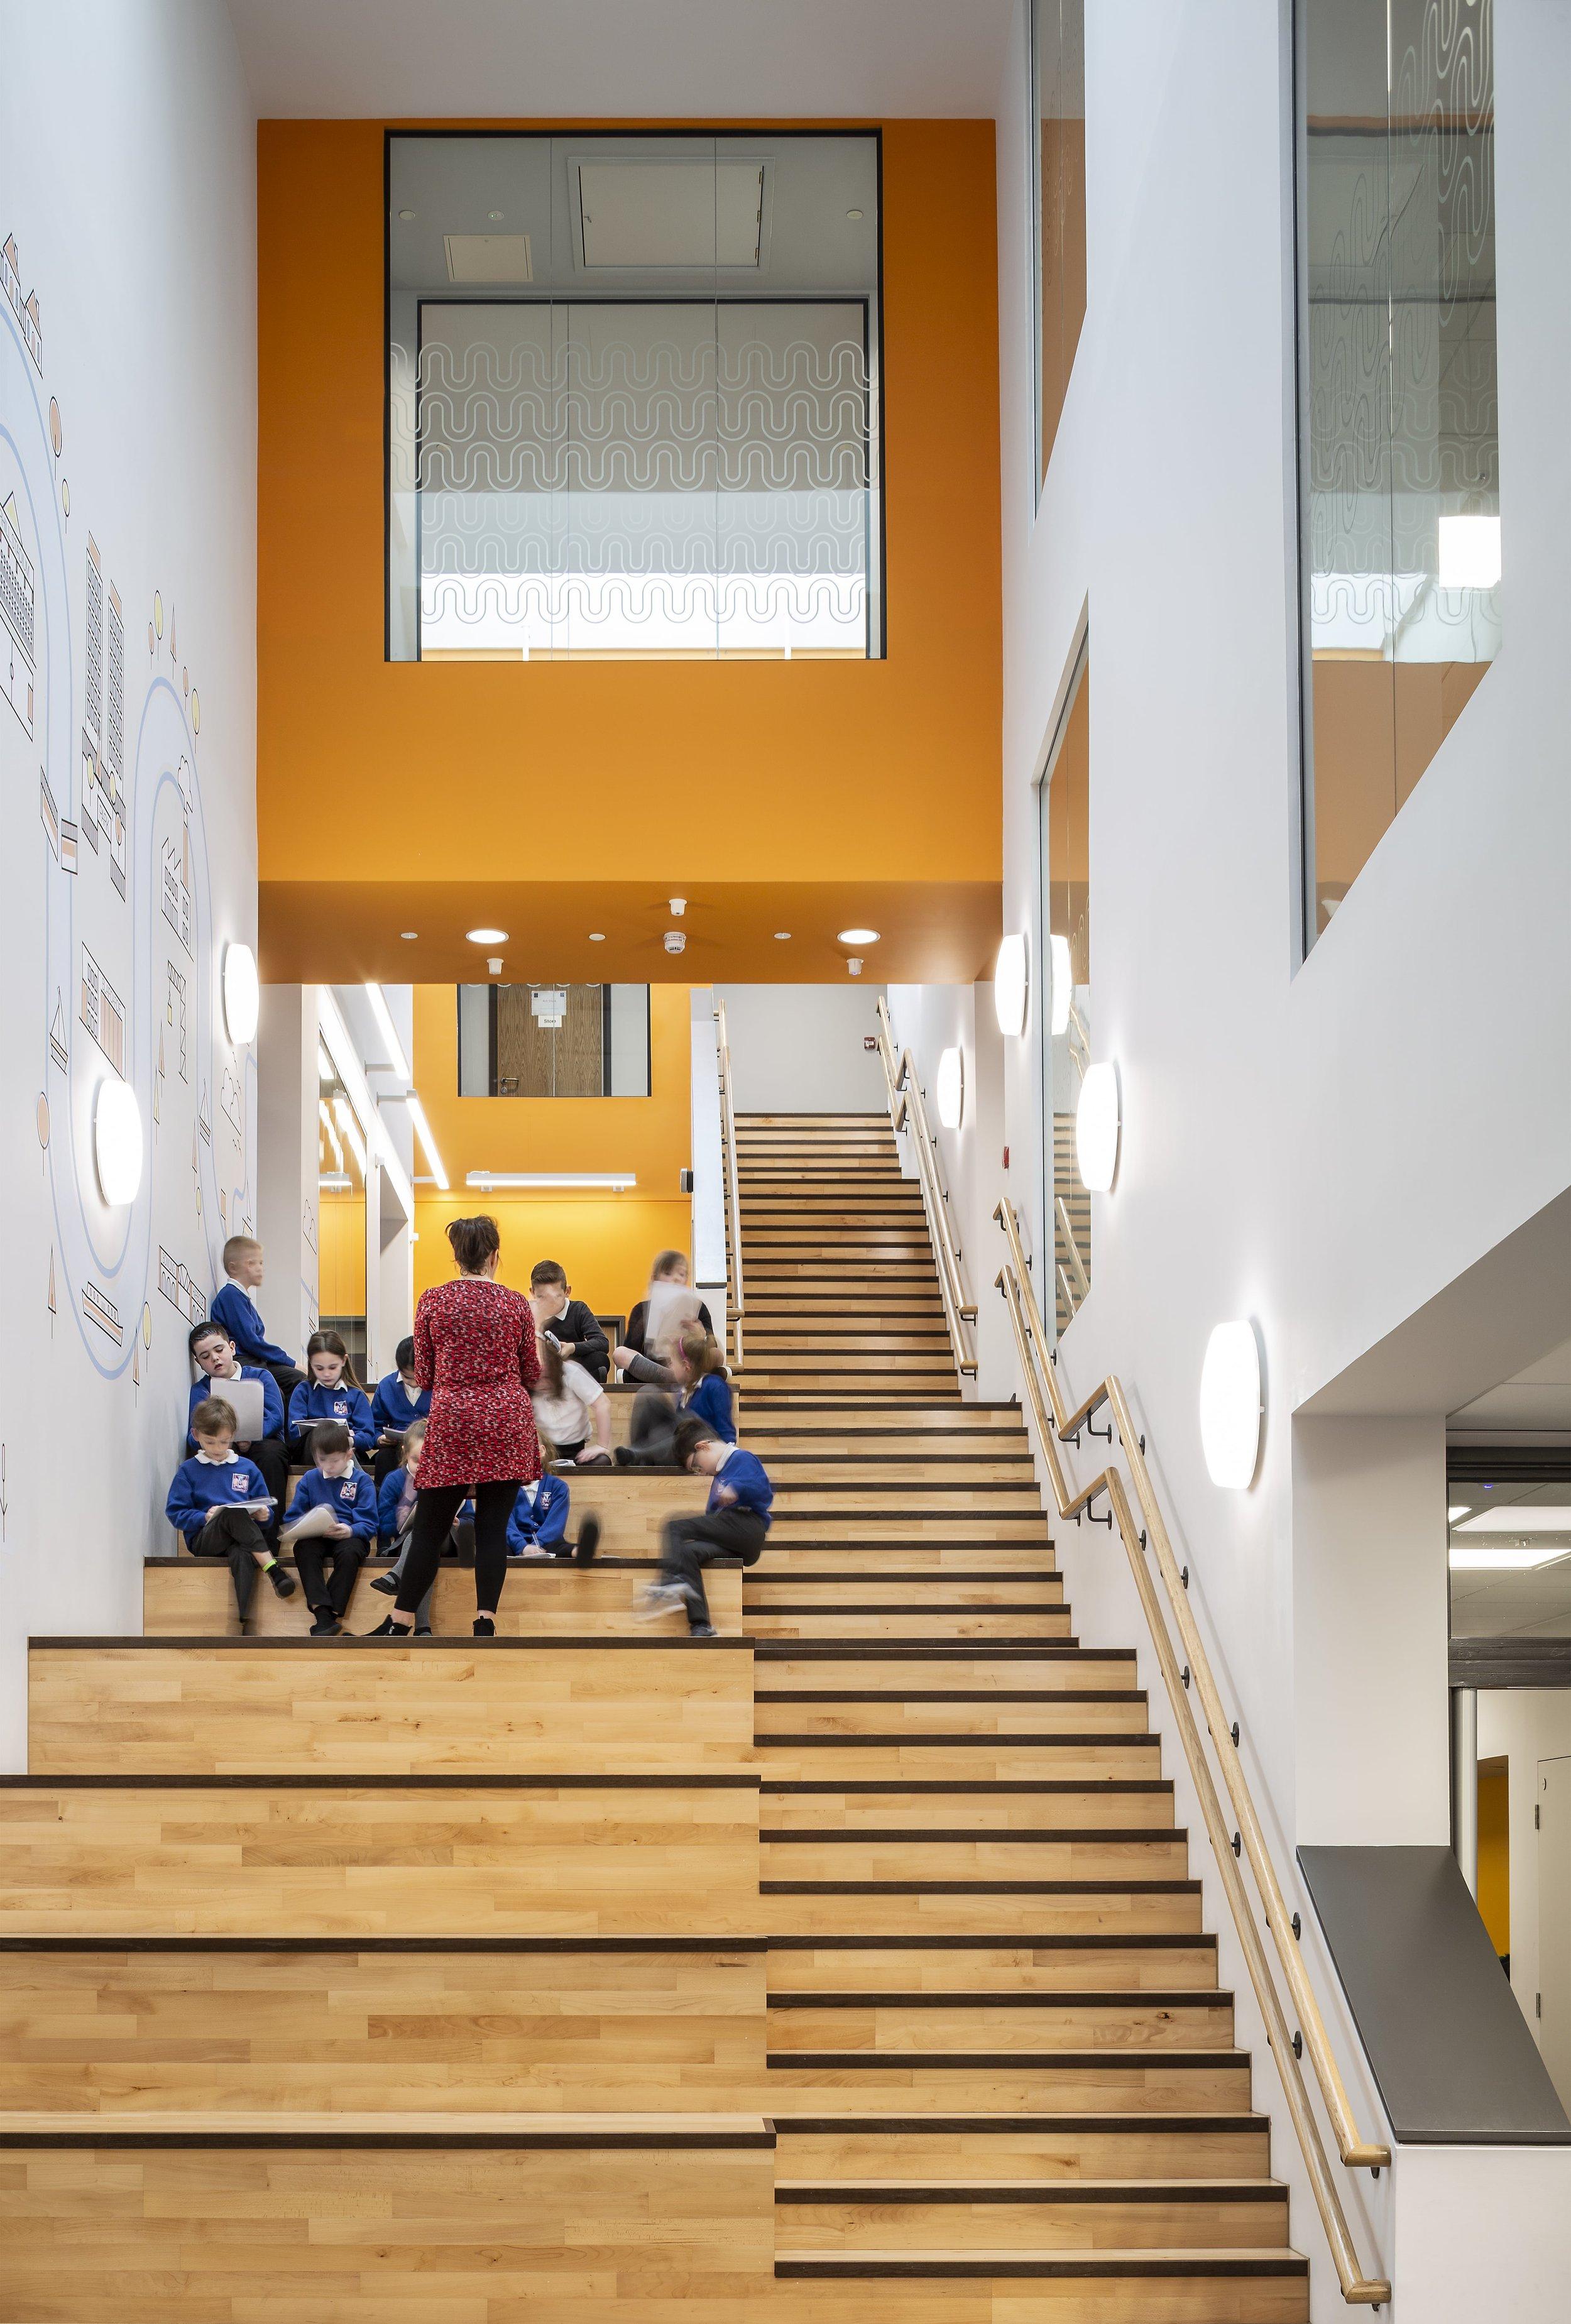 Blairdardie Primary School